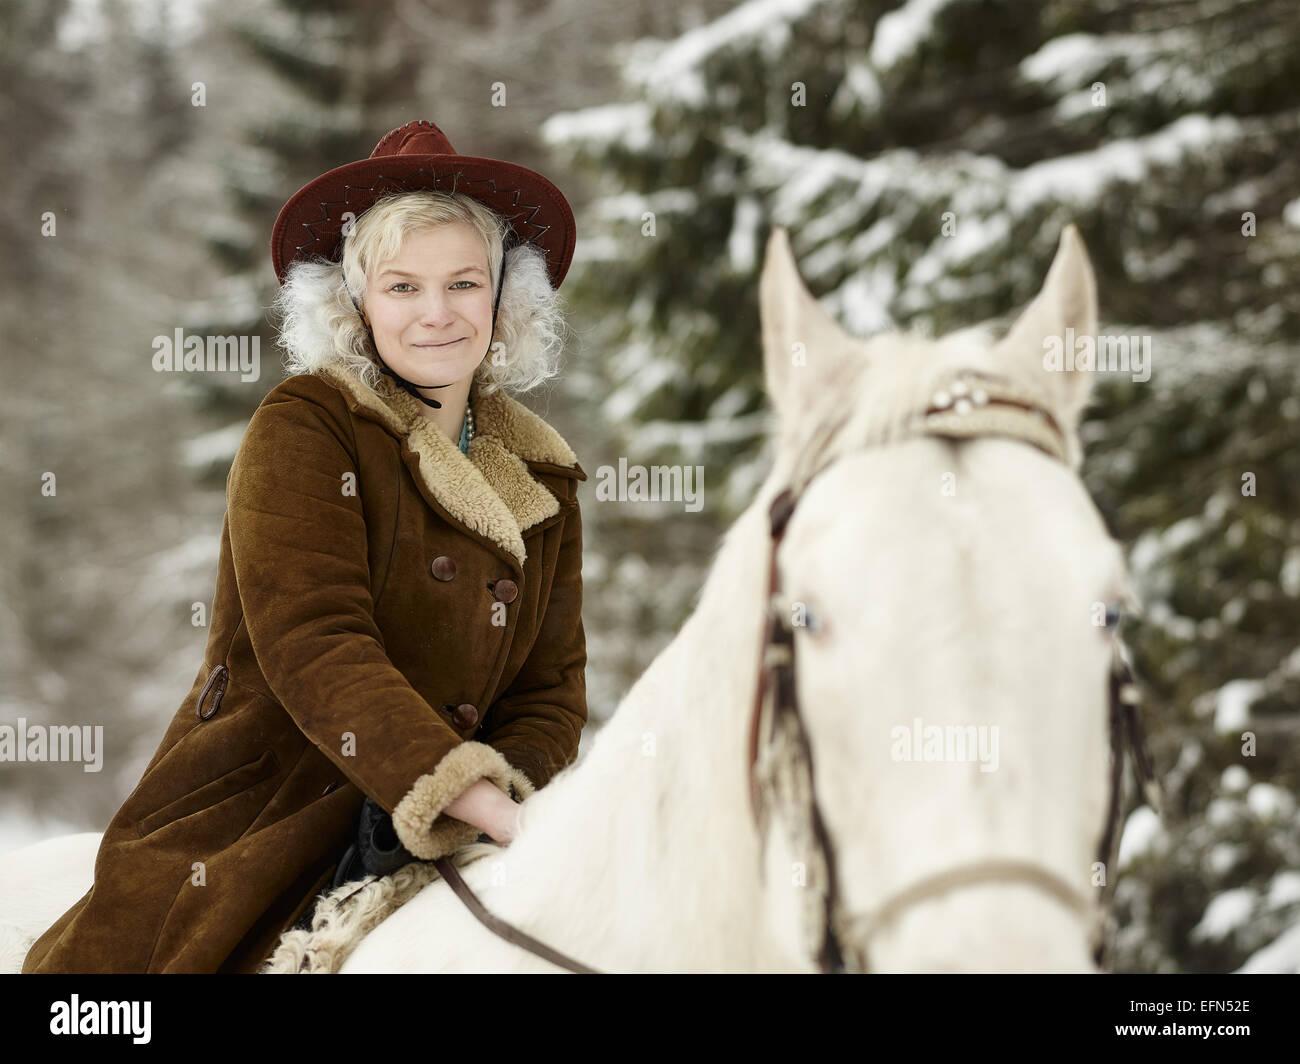 Attraktive Frau trägt einen Winterjacke und Hut, sie Reiten ein weißes Pferd und sie sieht in die Kamera Stockbild